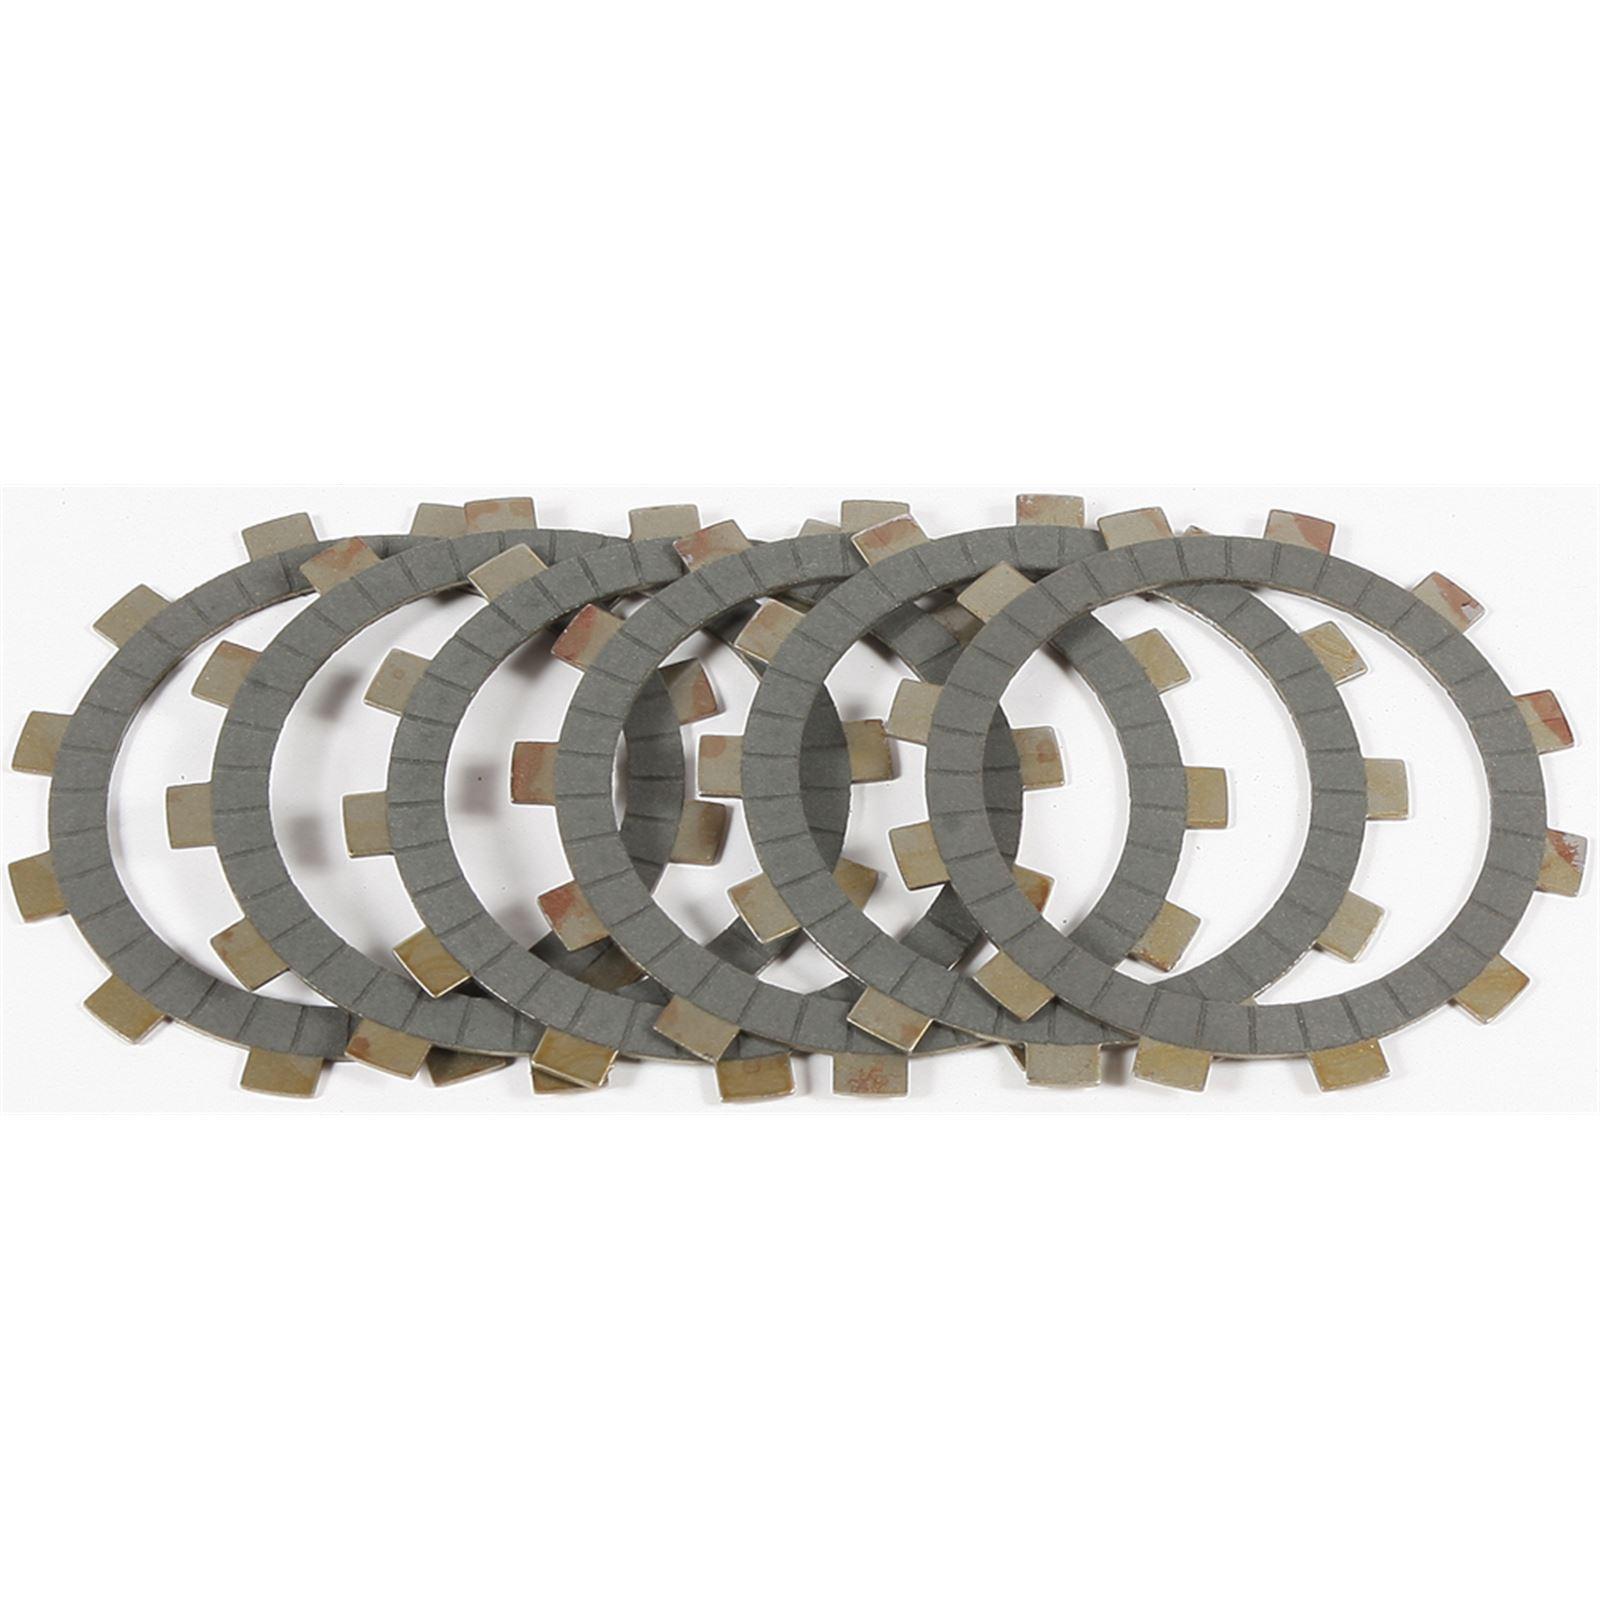 EBC Carbon Fiber Clutch Friction Plates